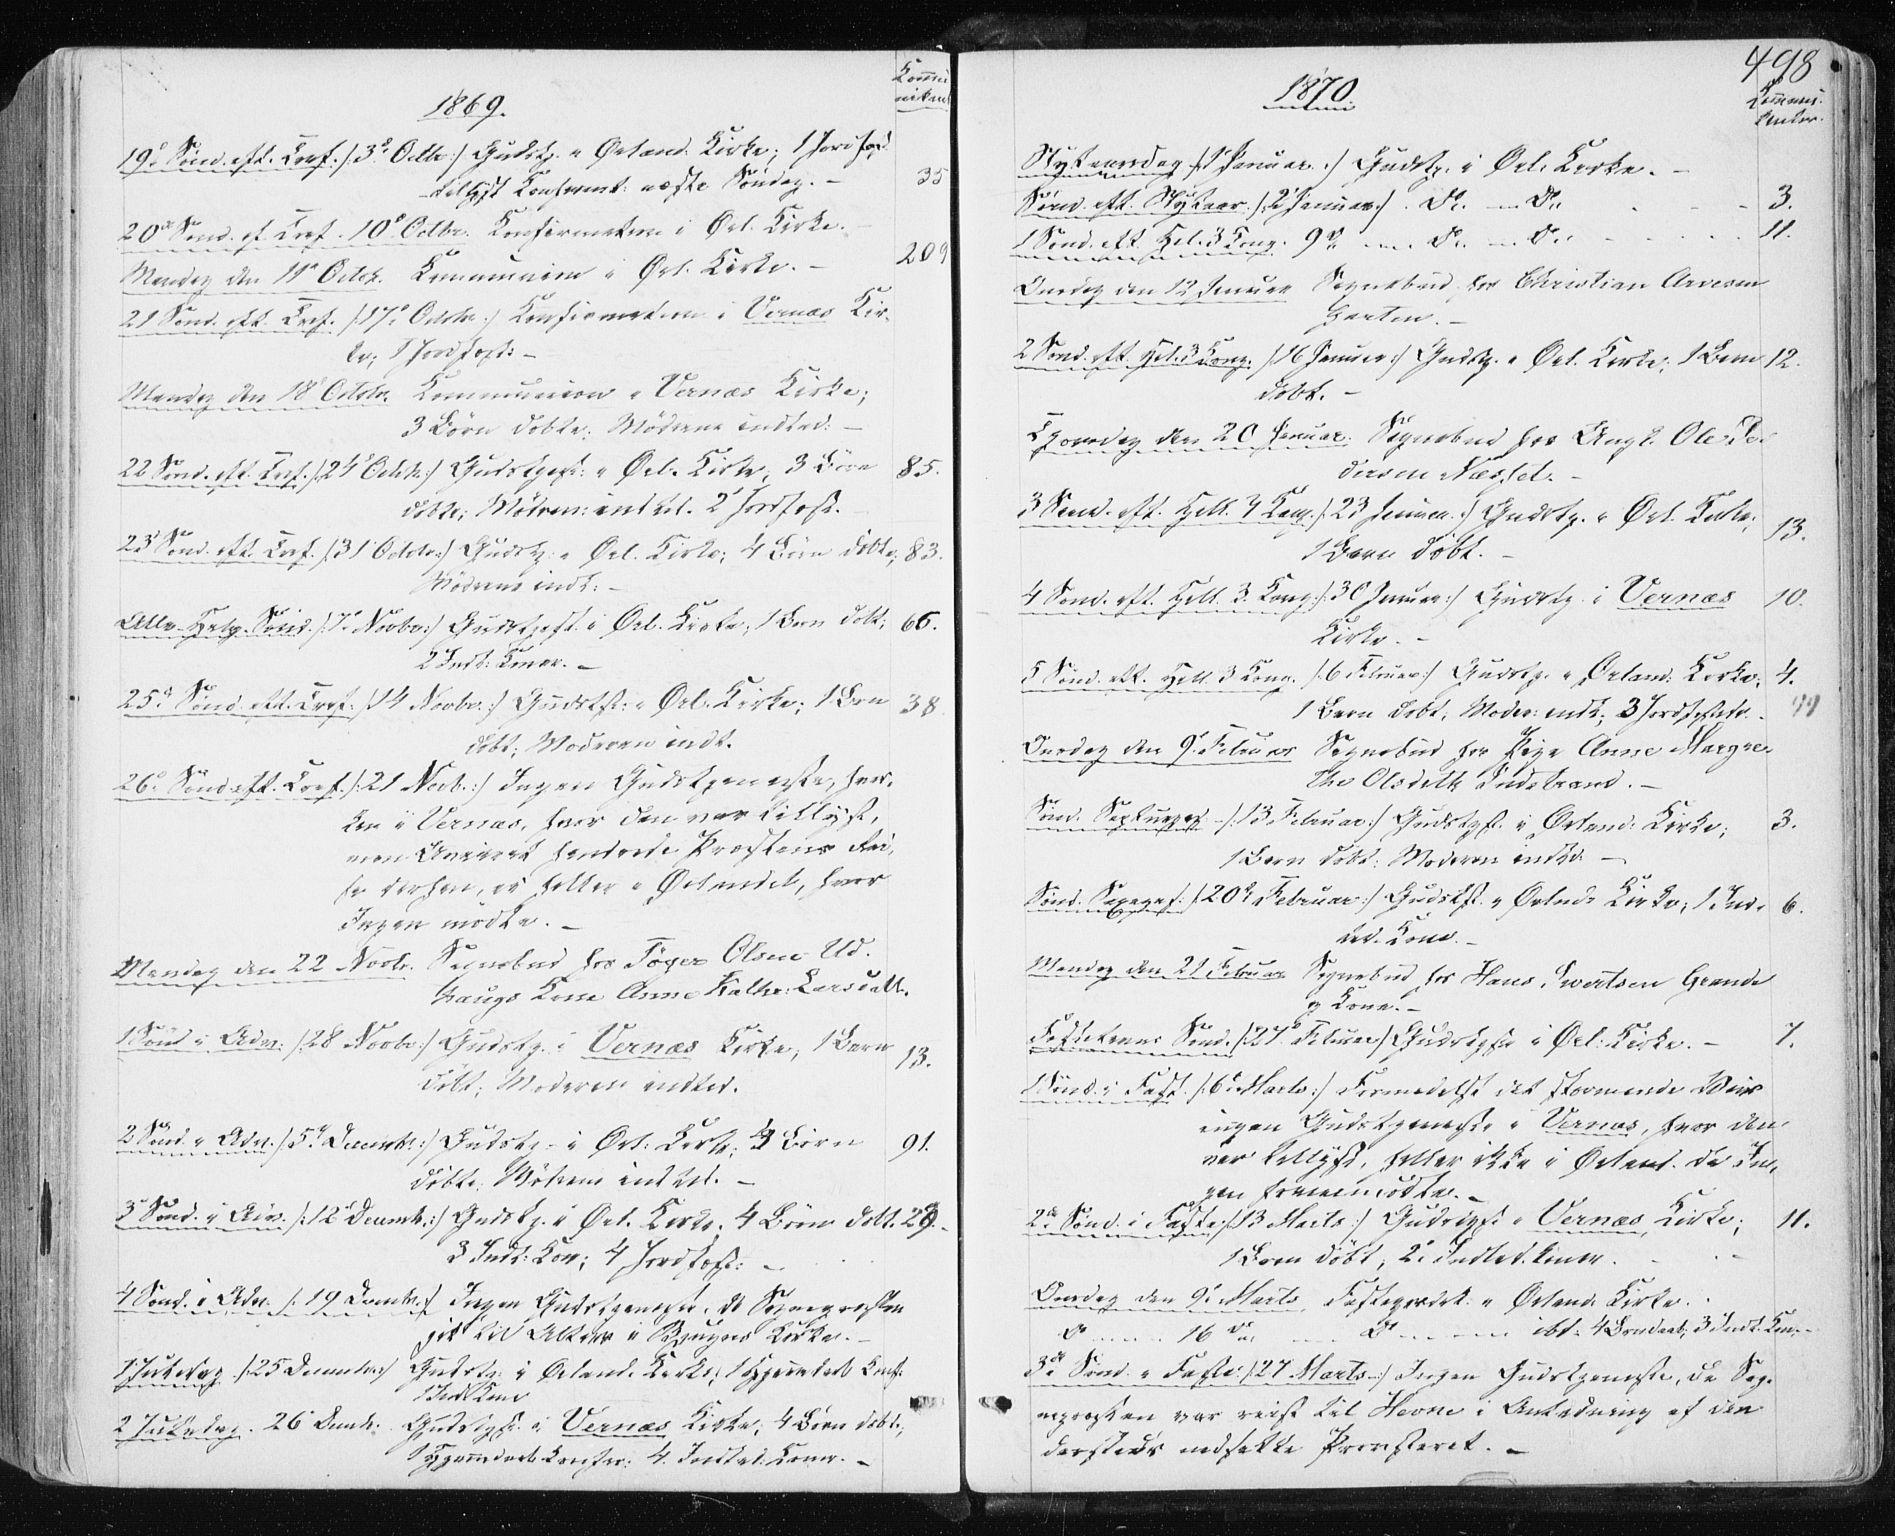 SAT, Ministerialprotokoller, klokkerbøker og fødselsregistre - Sør-Trøndelag, 659/L0737: Ministerialbok nr. 659A07, 1857-1875, s. 498